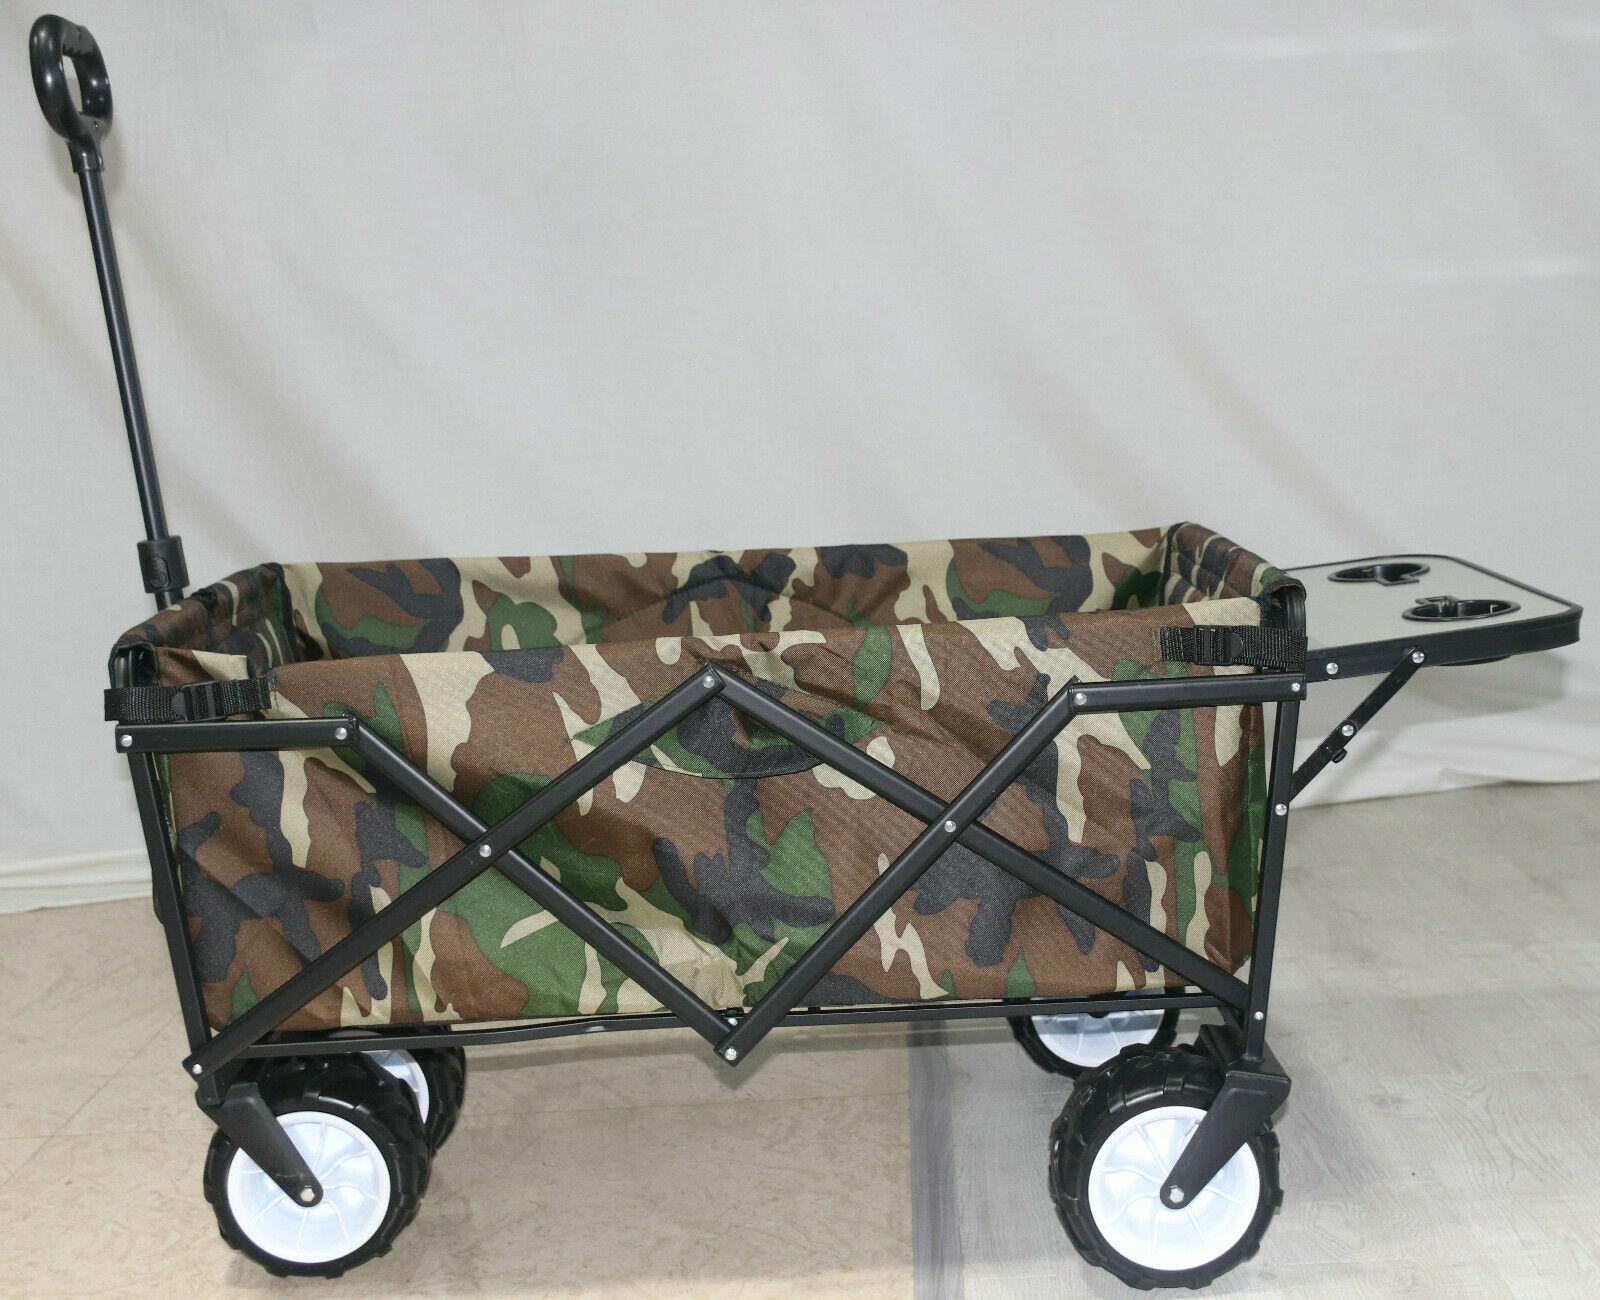 Defacto Faltbarer Bollerwagen Faltwagen Handwagen Außenschubkarre Strandwagen klappbar bollerwagen DF-bul610